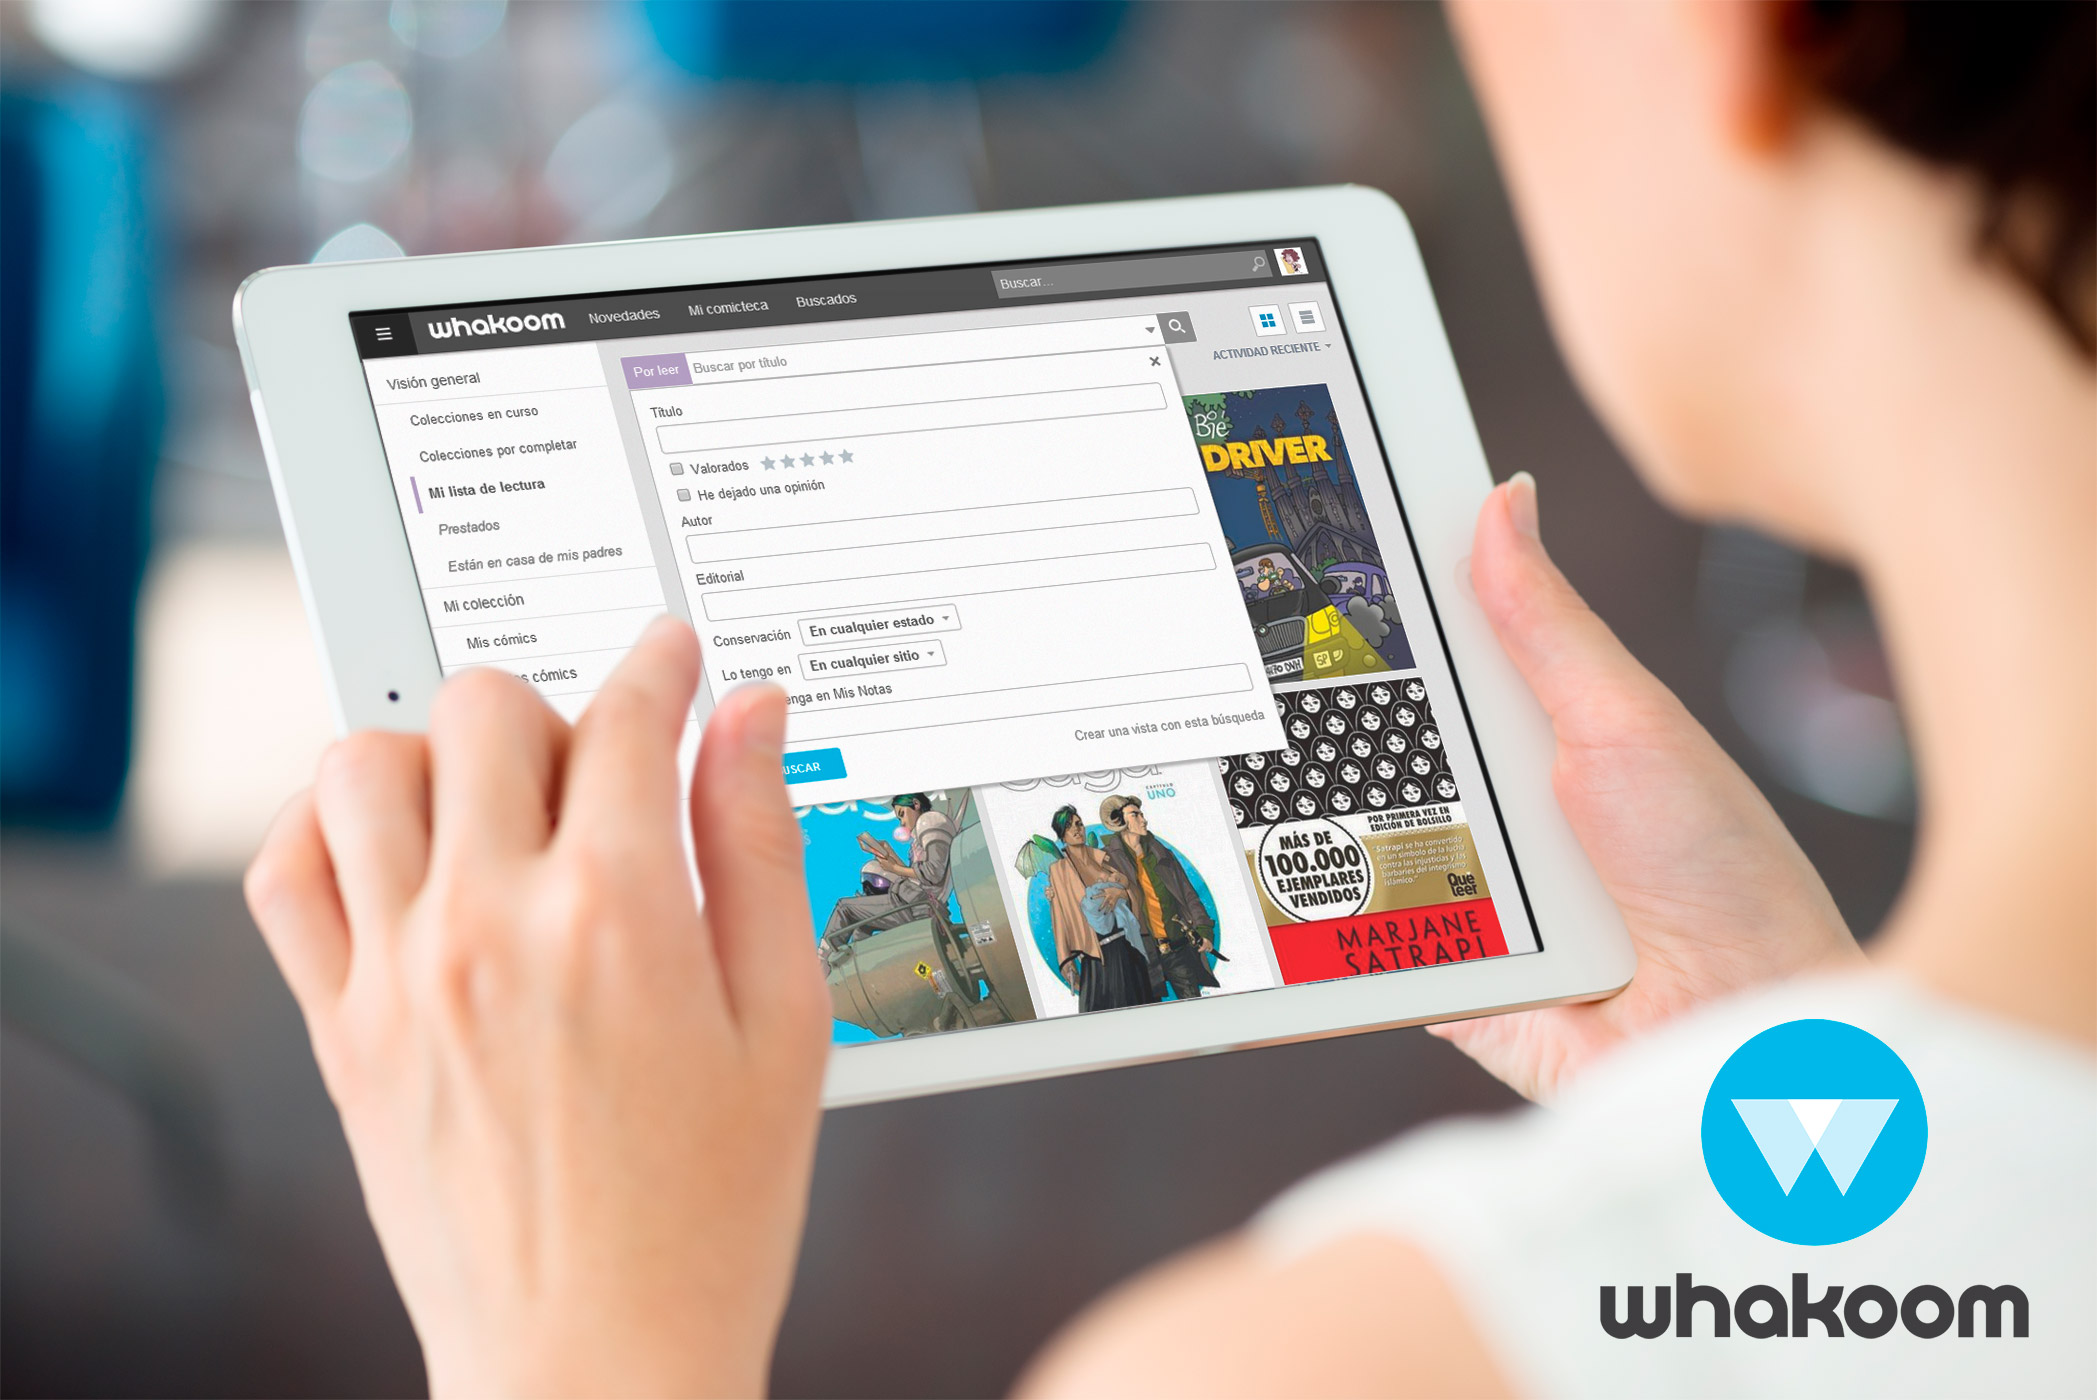 Whakoom, una red social para los amantes del cómic que no para de crecer